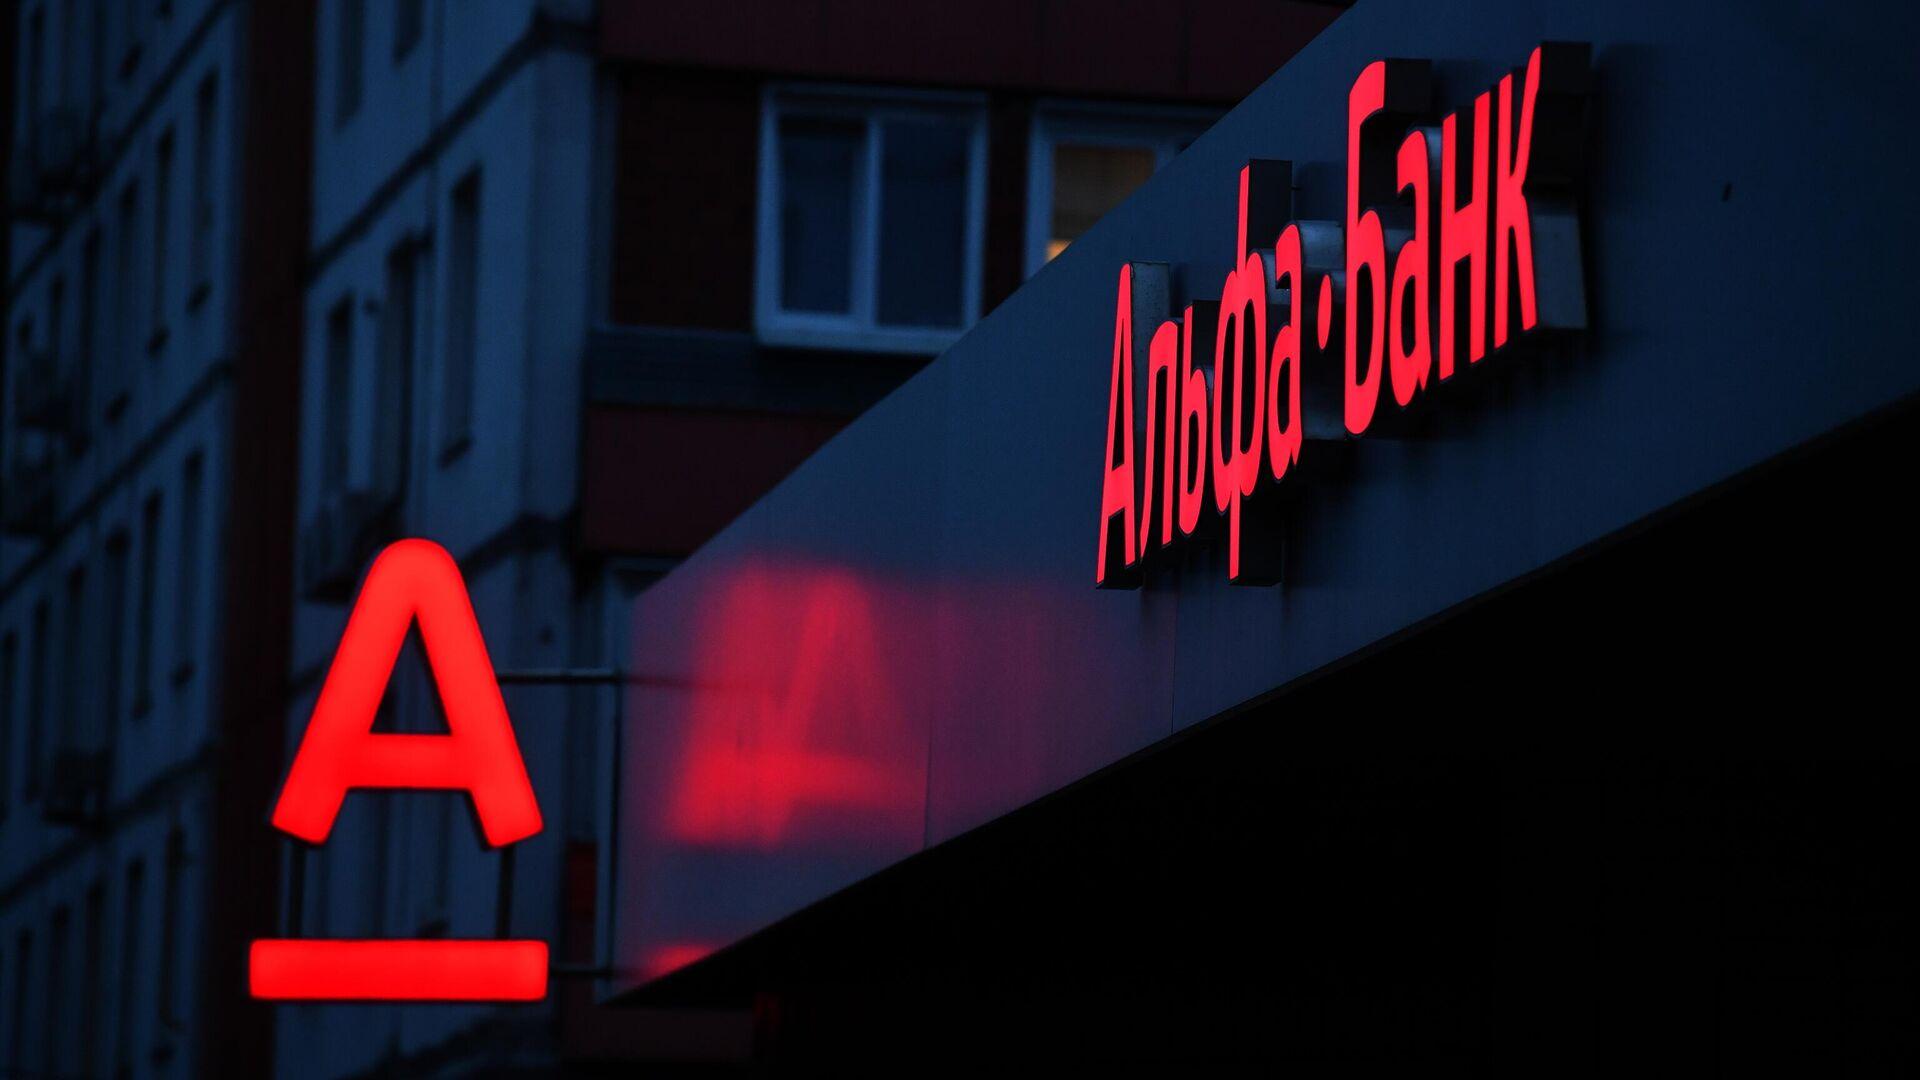 Альфа-банк сообщил о сбое при оплате картами